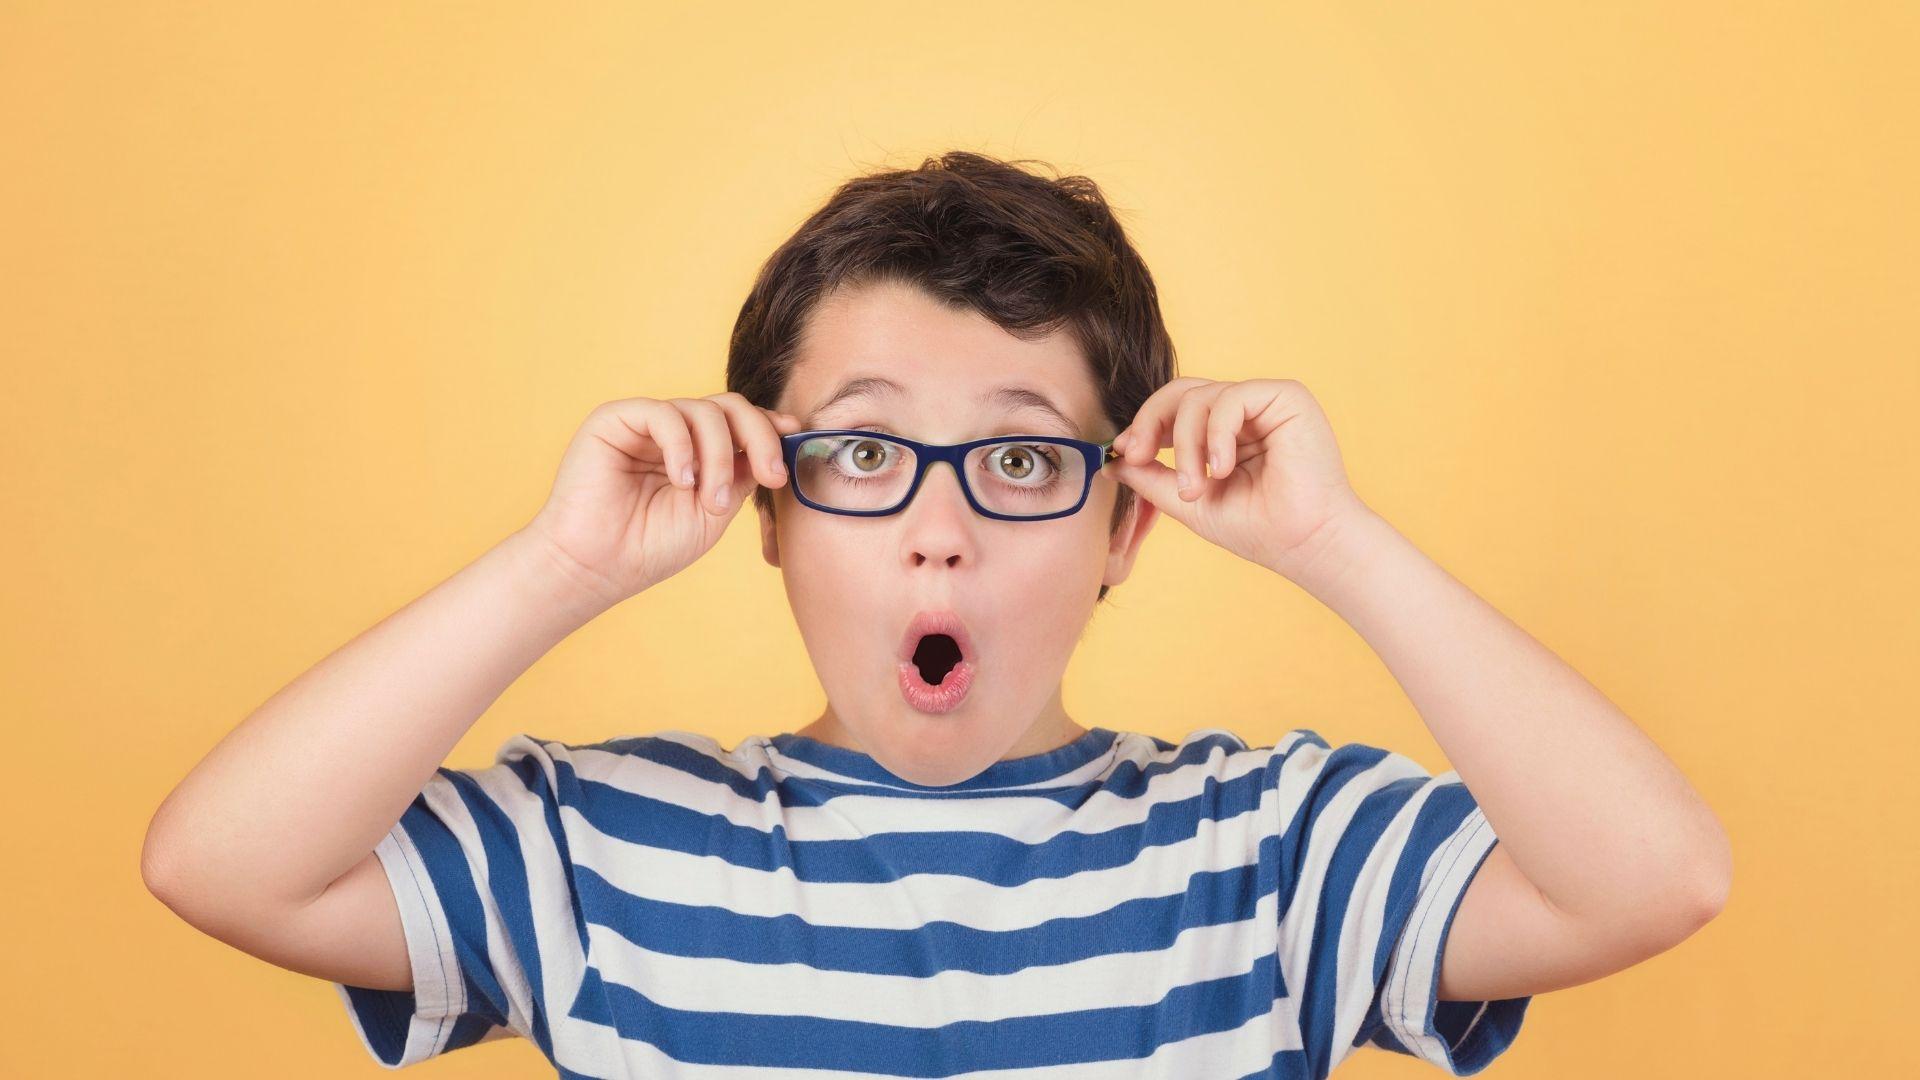 Des lunettes intelligentes capables de prévenir la myopie - Innovant